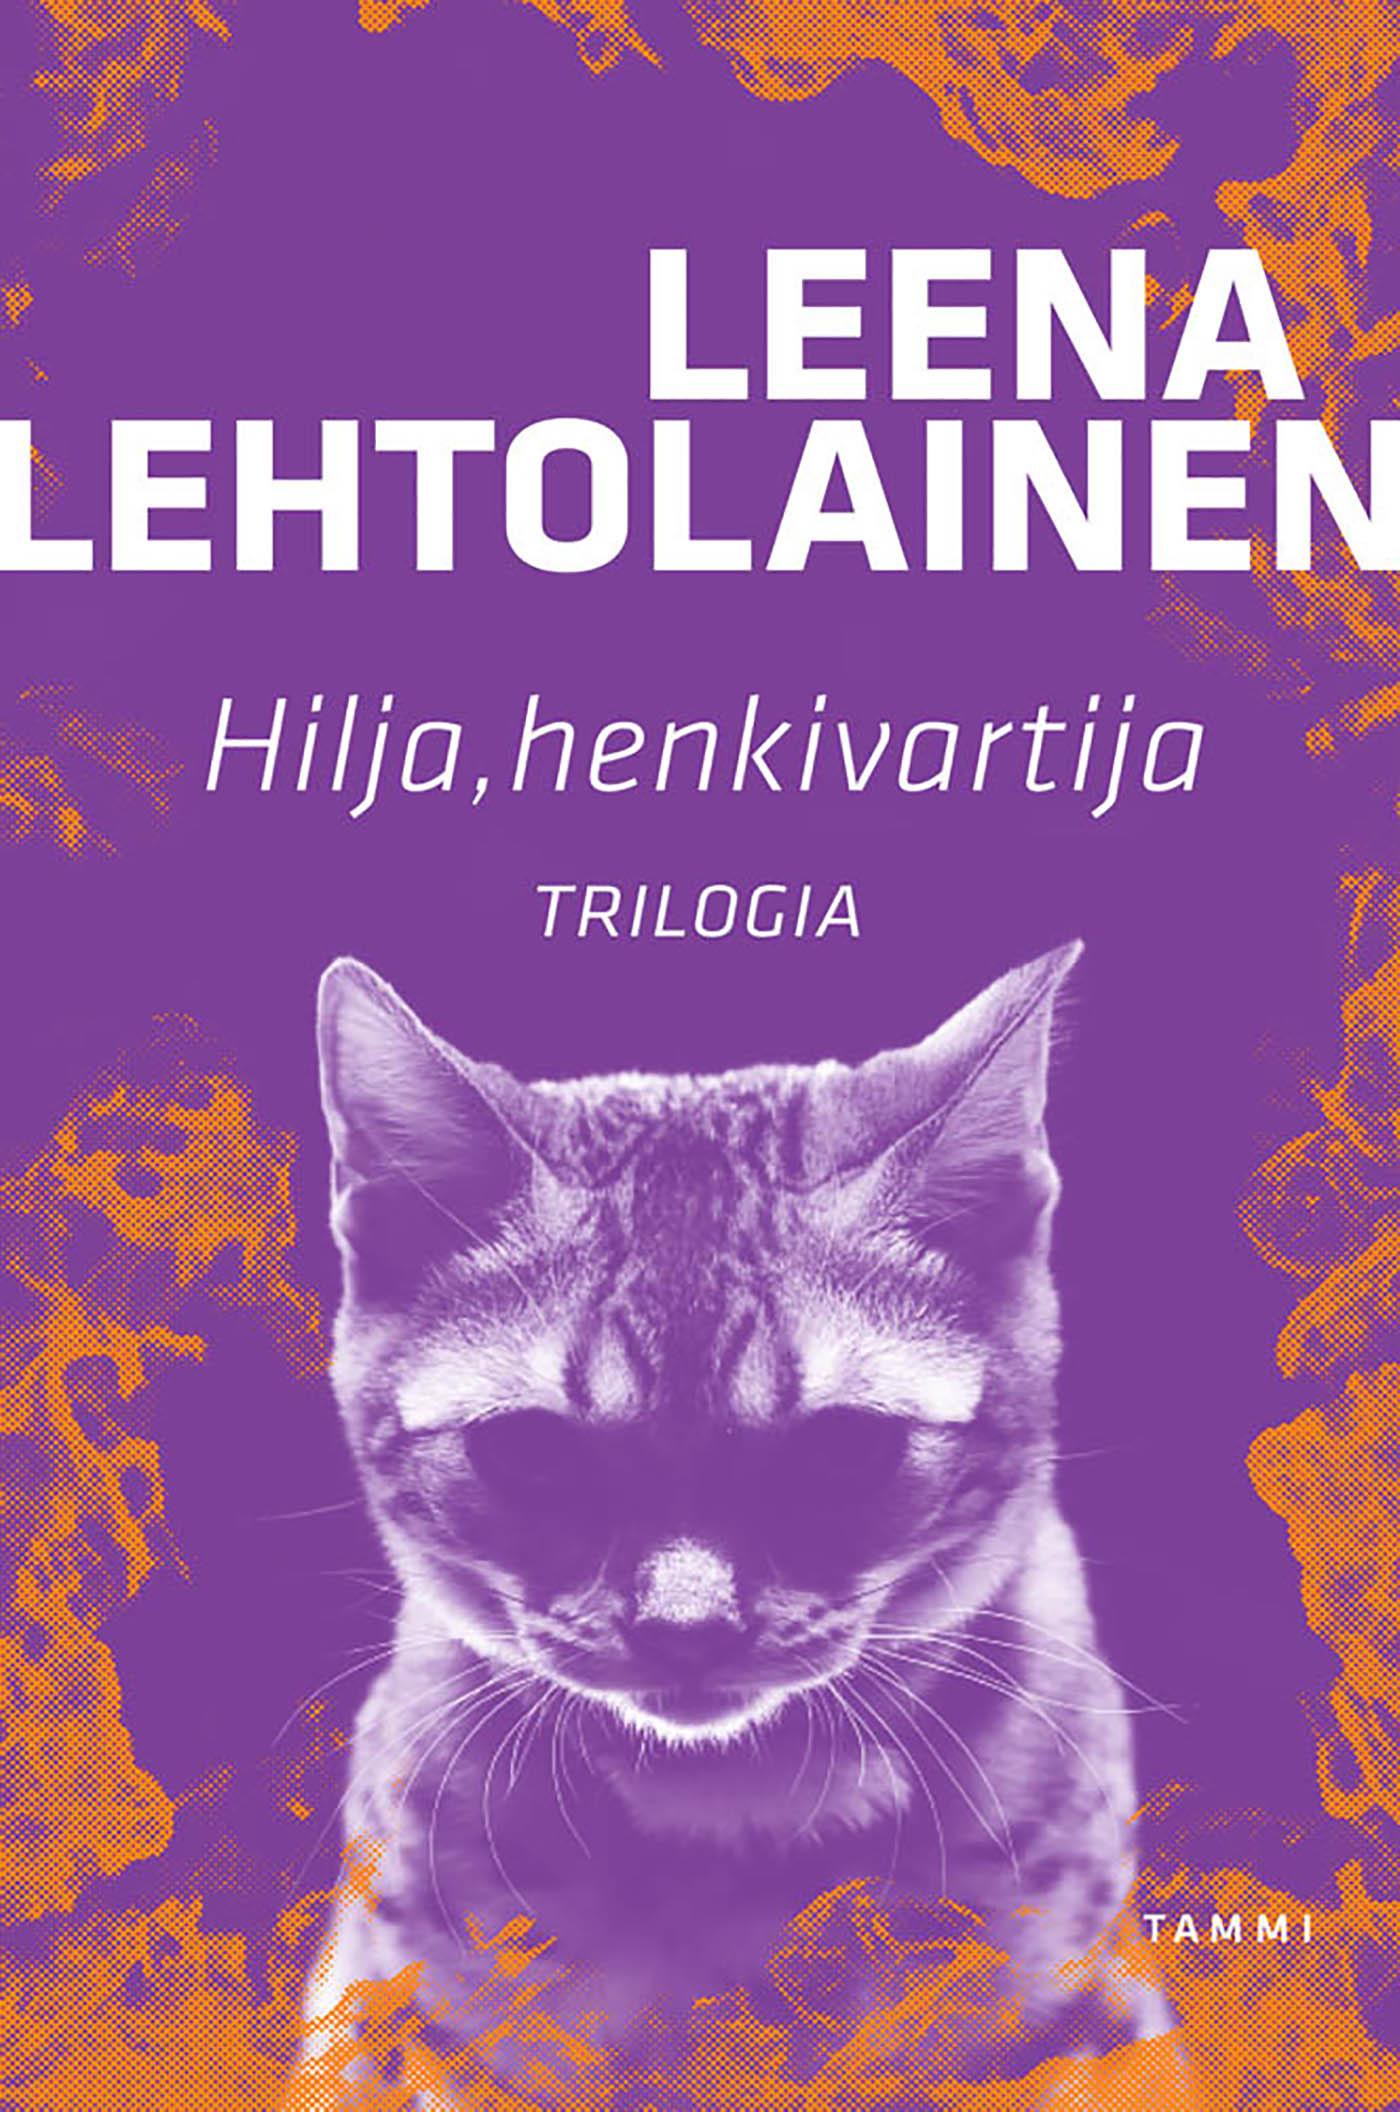 Lehtolainen, Leena - Hilja, henkivartija: Trilogia, e-kirja